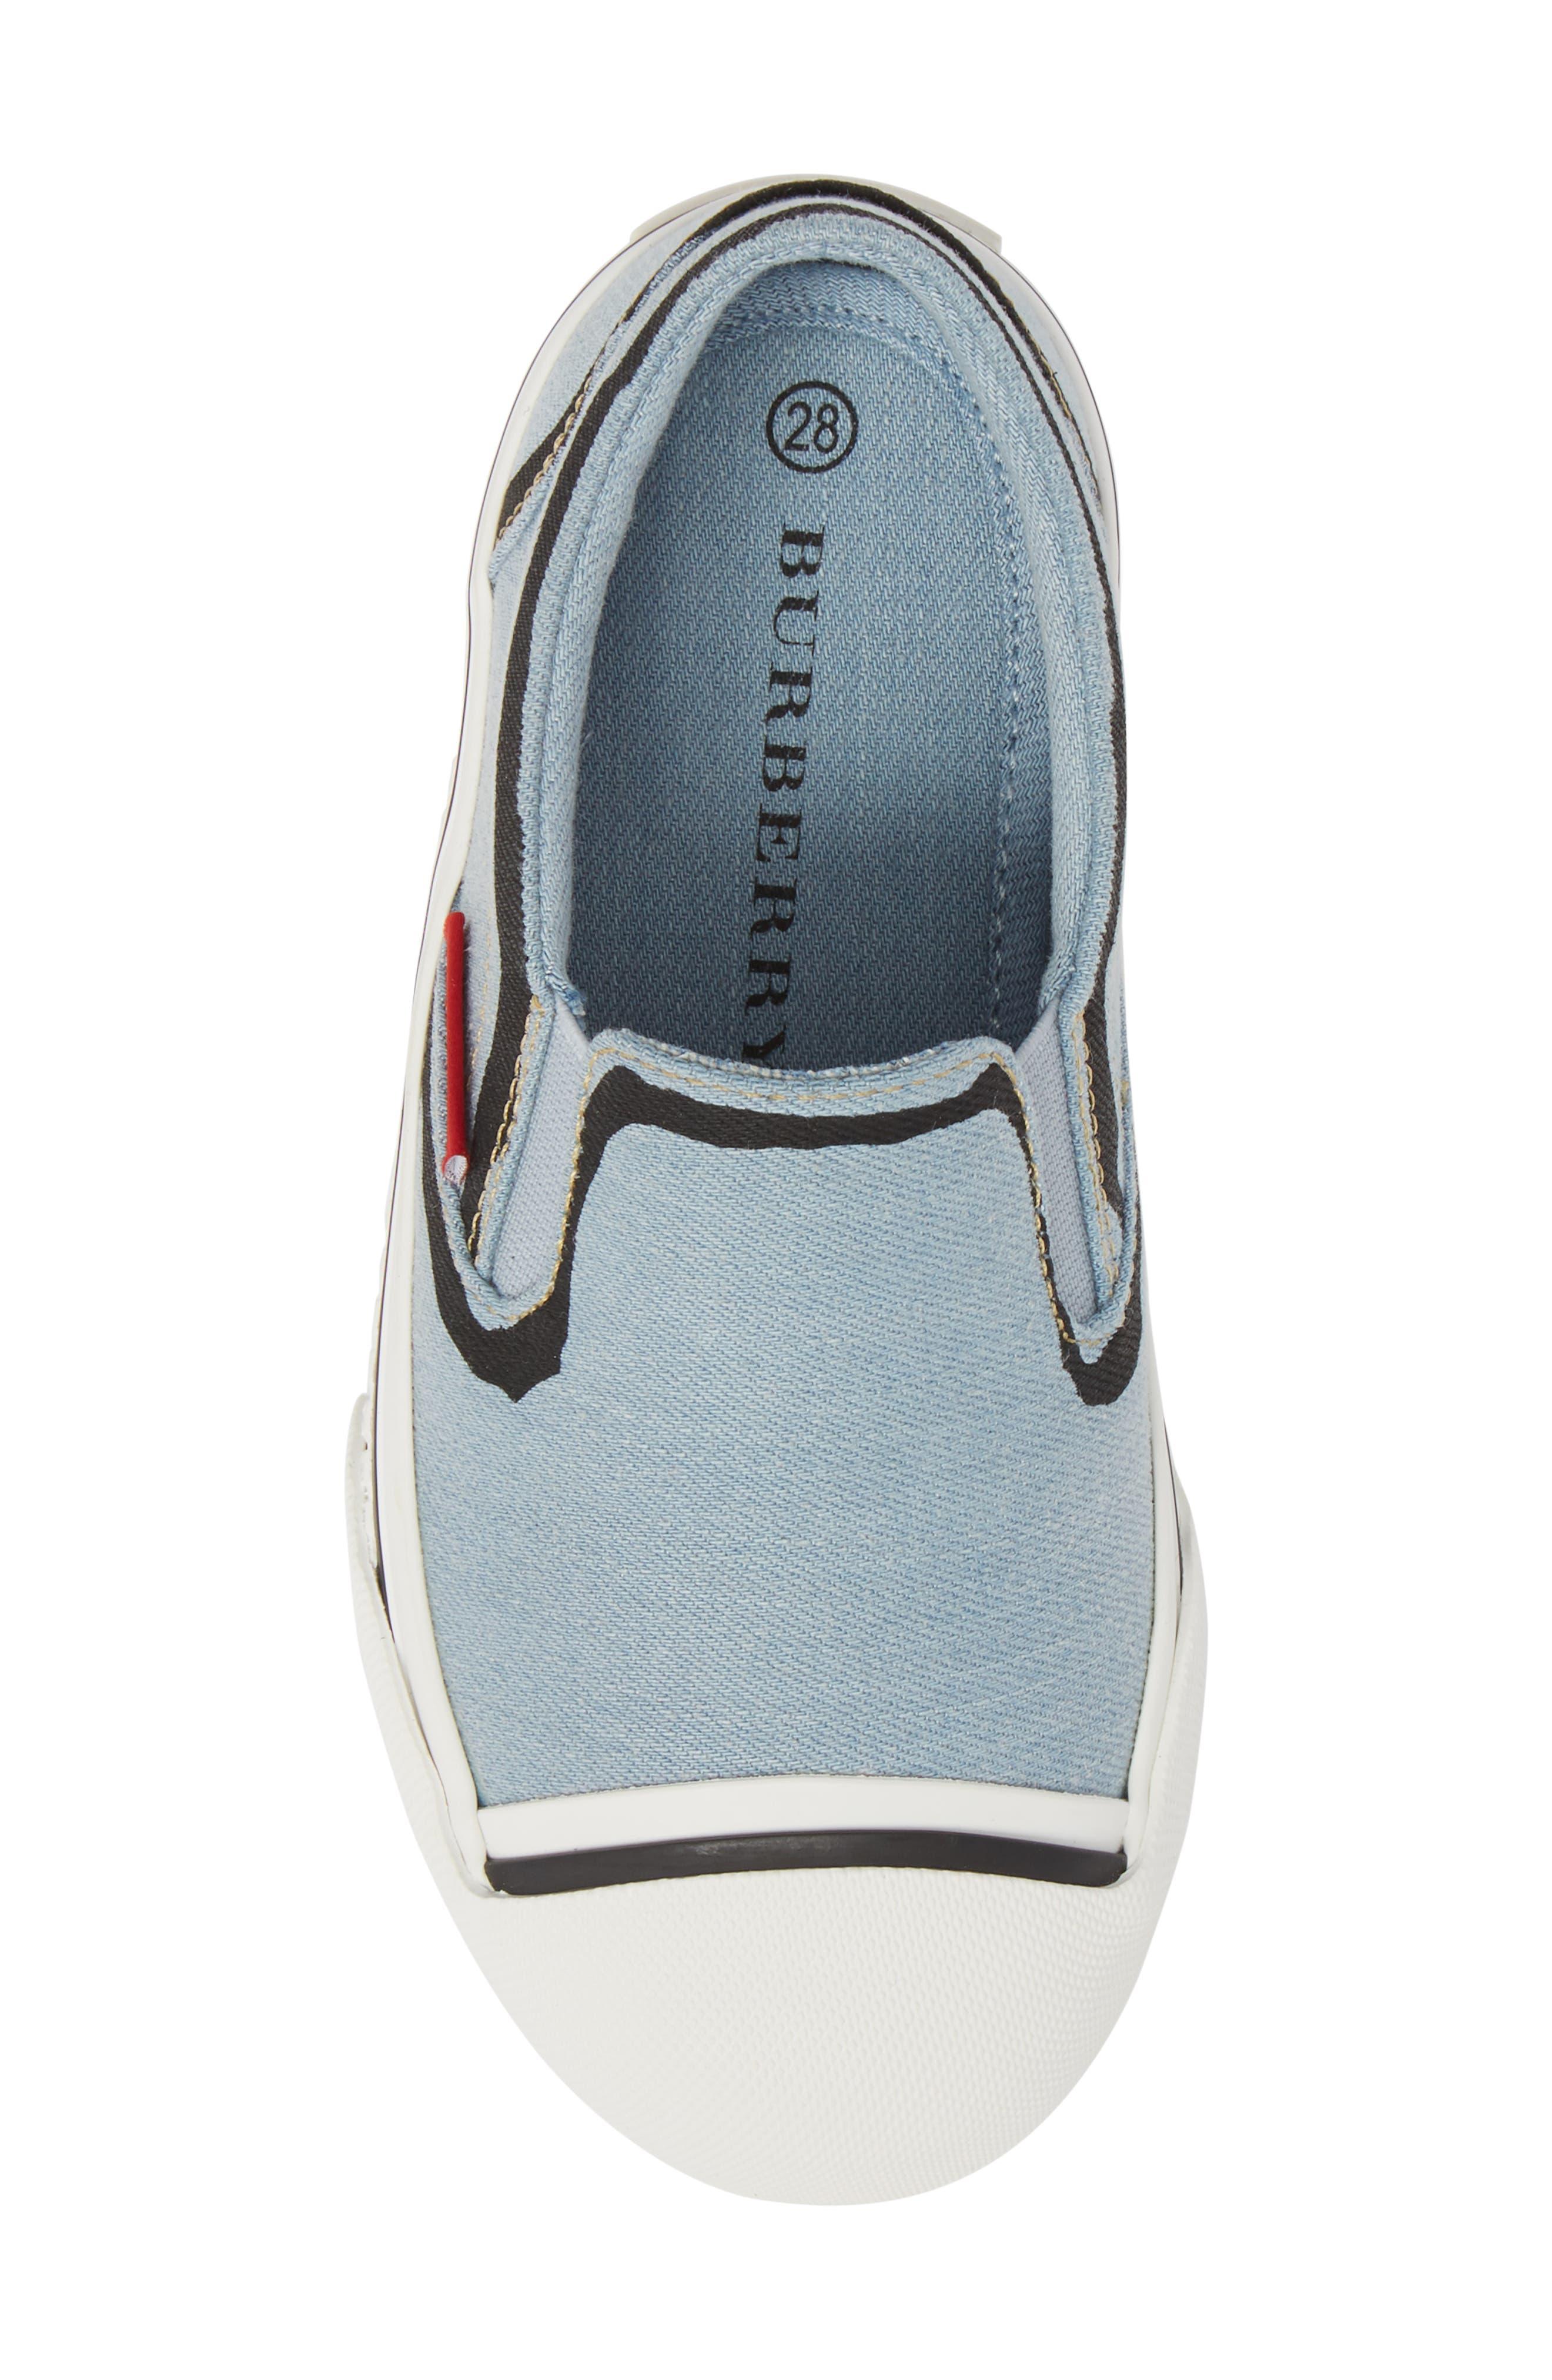 Lipton Slip-On Sneaker,                             Alternate thumbnail 5, color,                             LIGHT BLUE